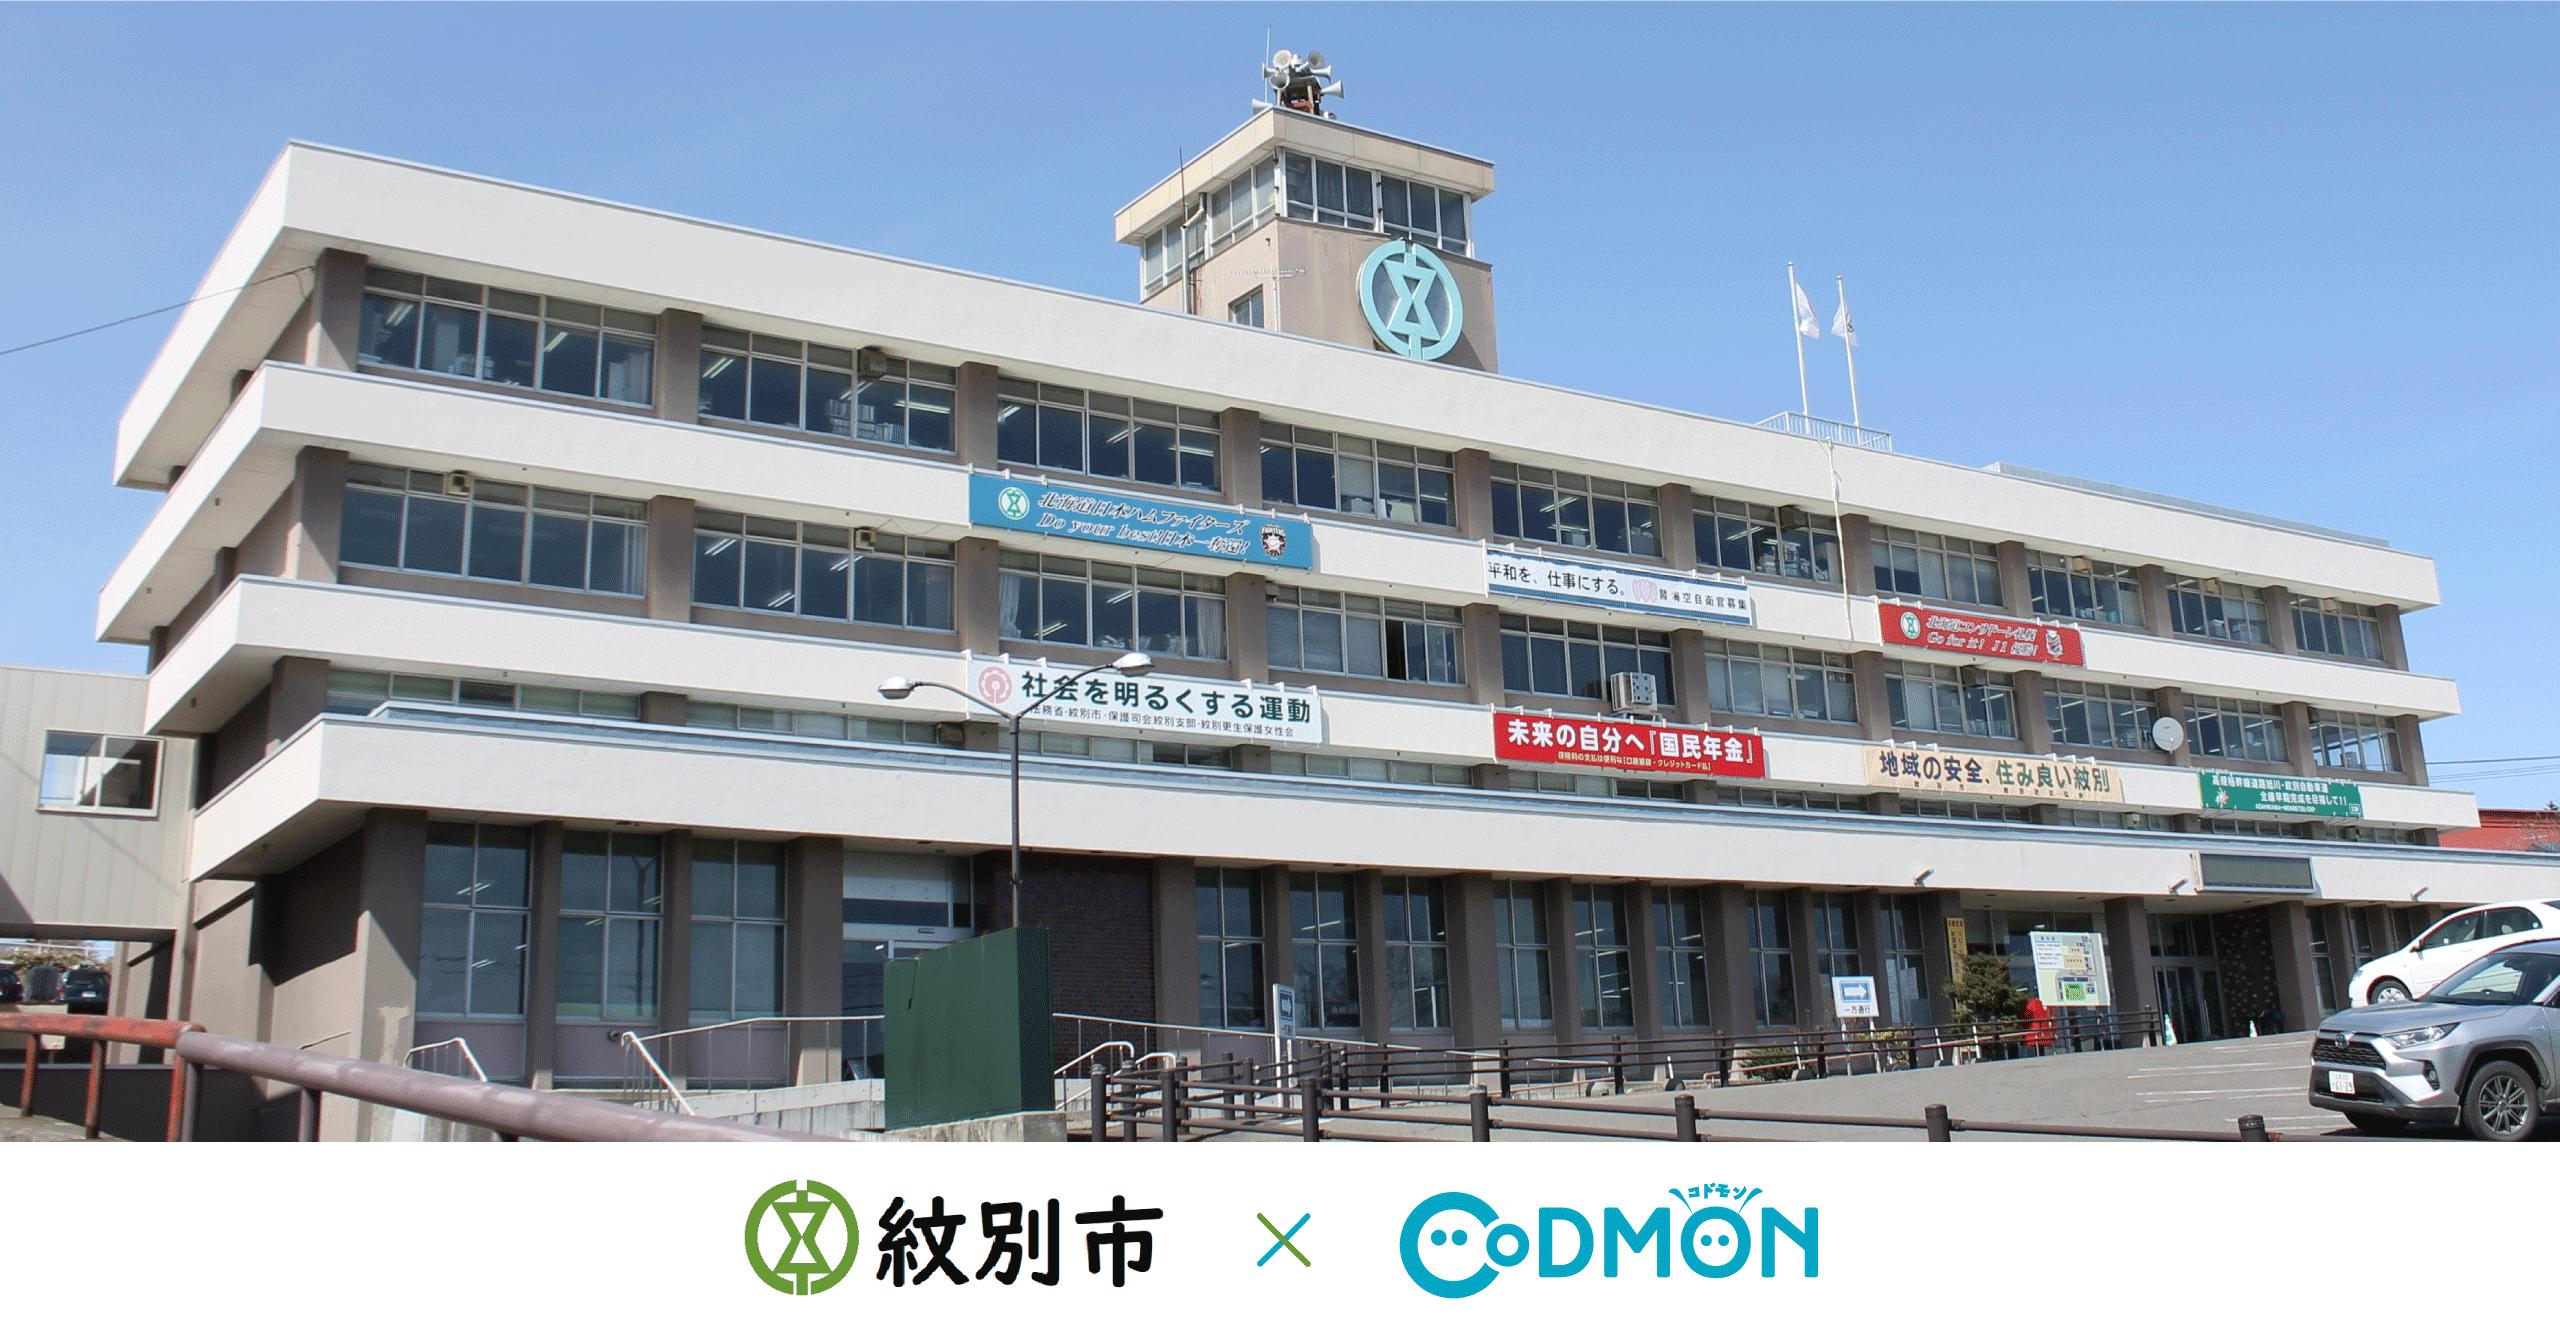 北海道の学童において初導入 北海道紋別市の公立学童保育においてコドモン導入のお知らせ